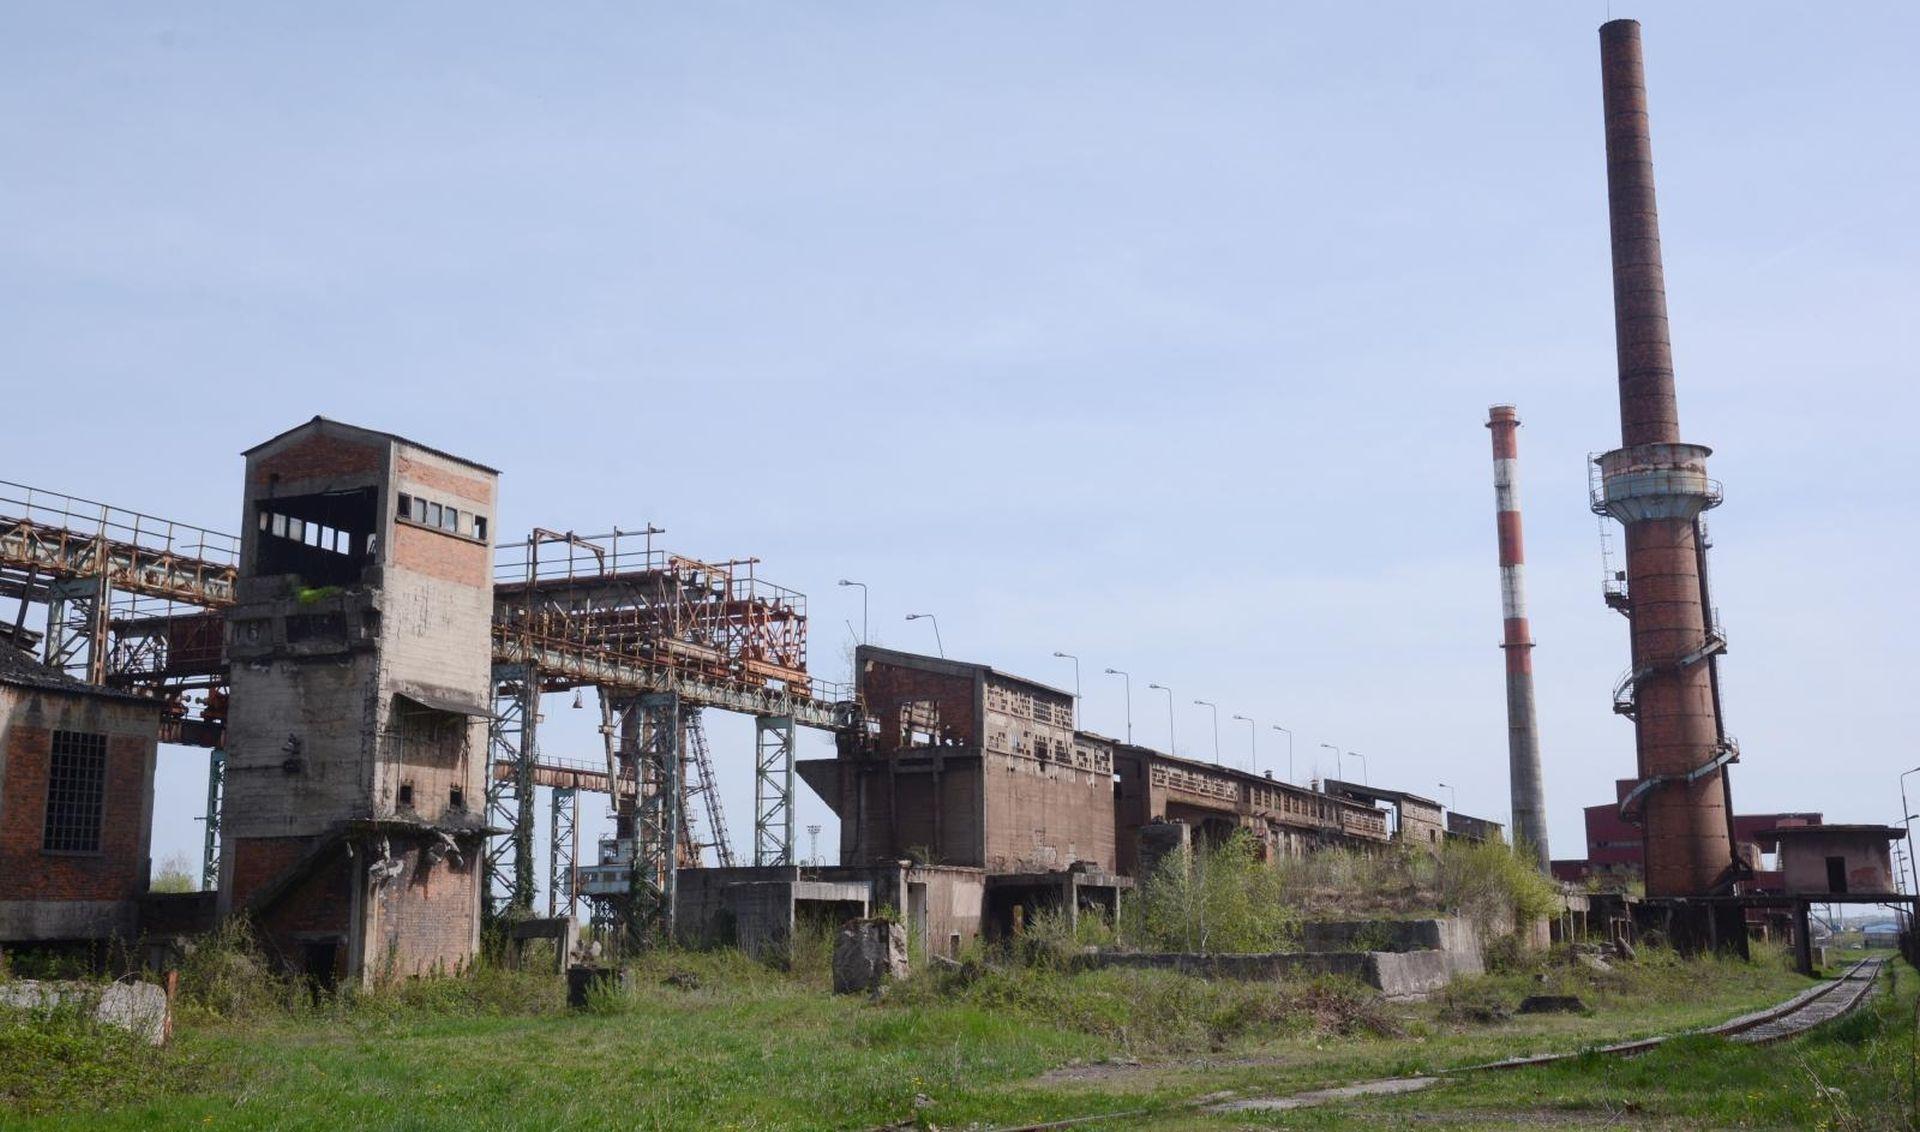 FELJTON: ŽELJEZARA SISAK Kako je Hrvatska uništila jedinu tvornicu čelika